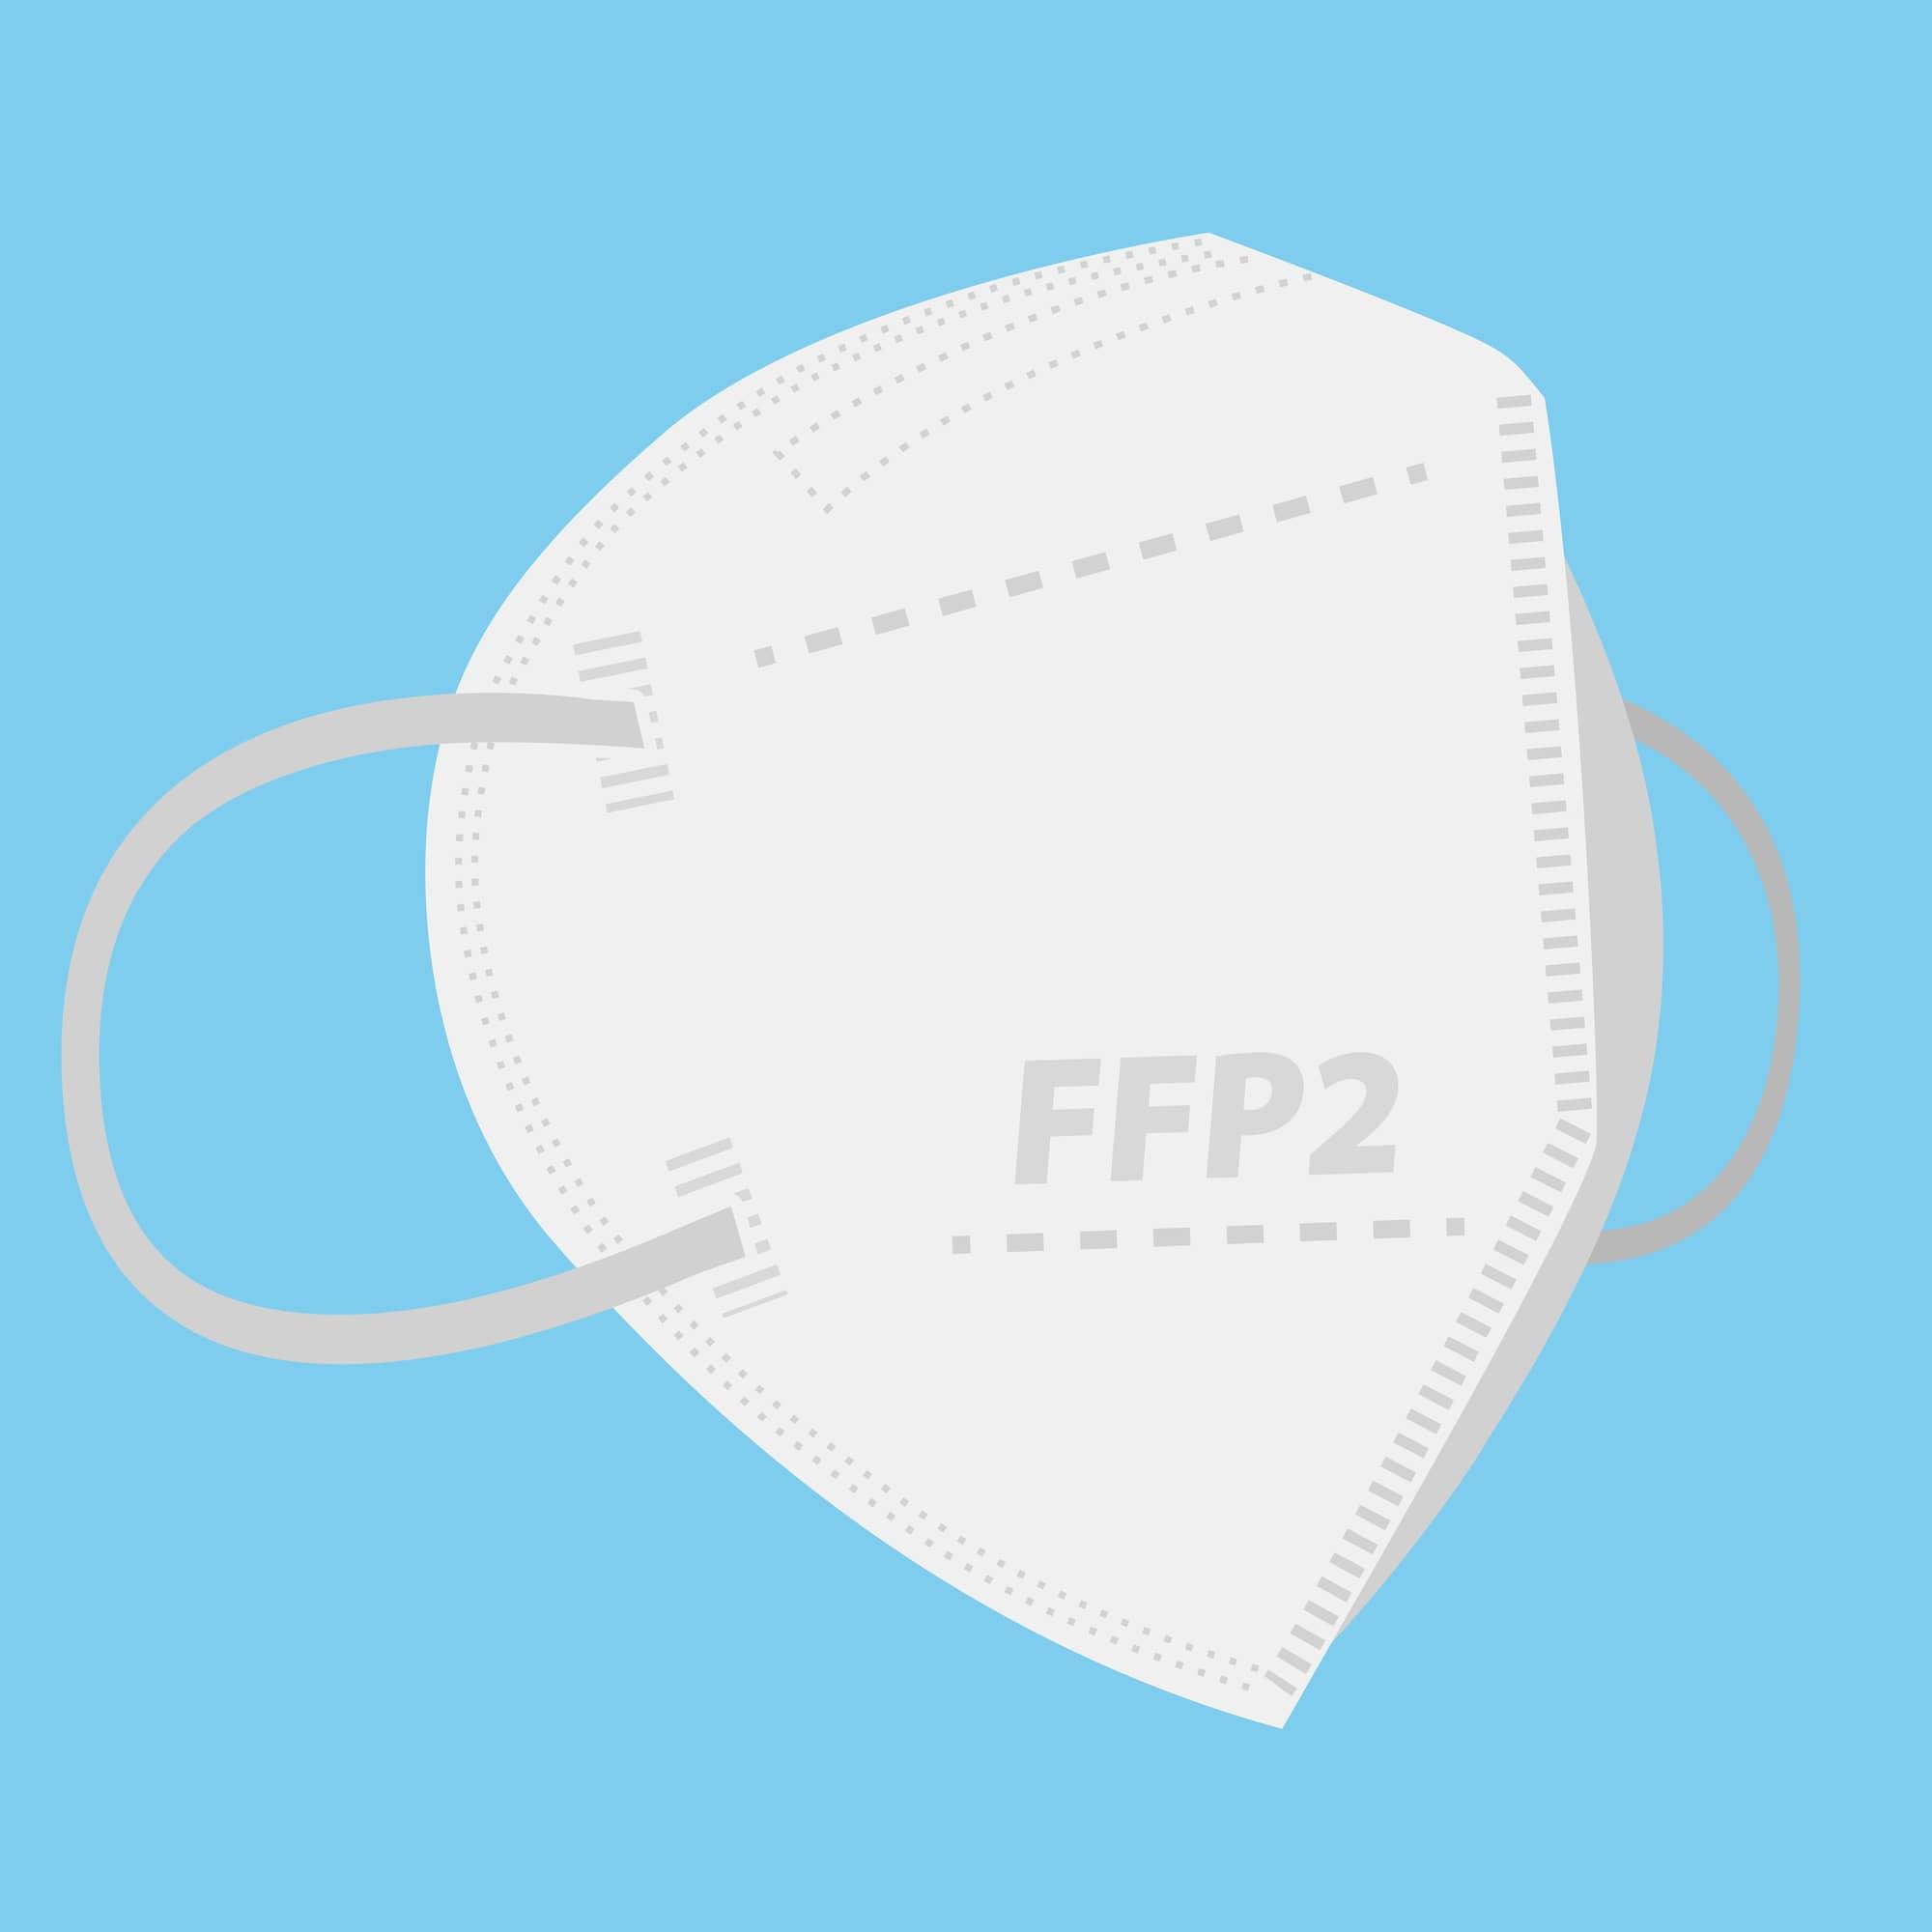 FFP2-Maske Vor-und Nachteile